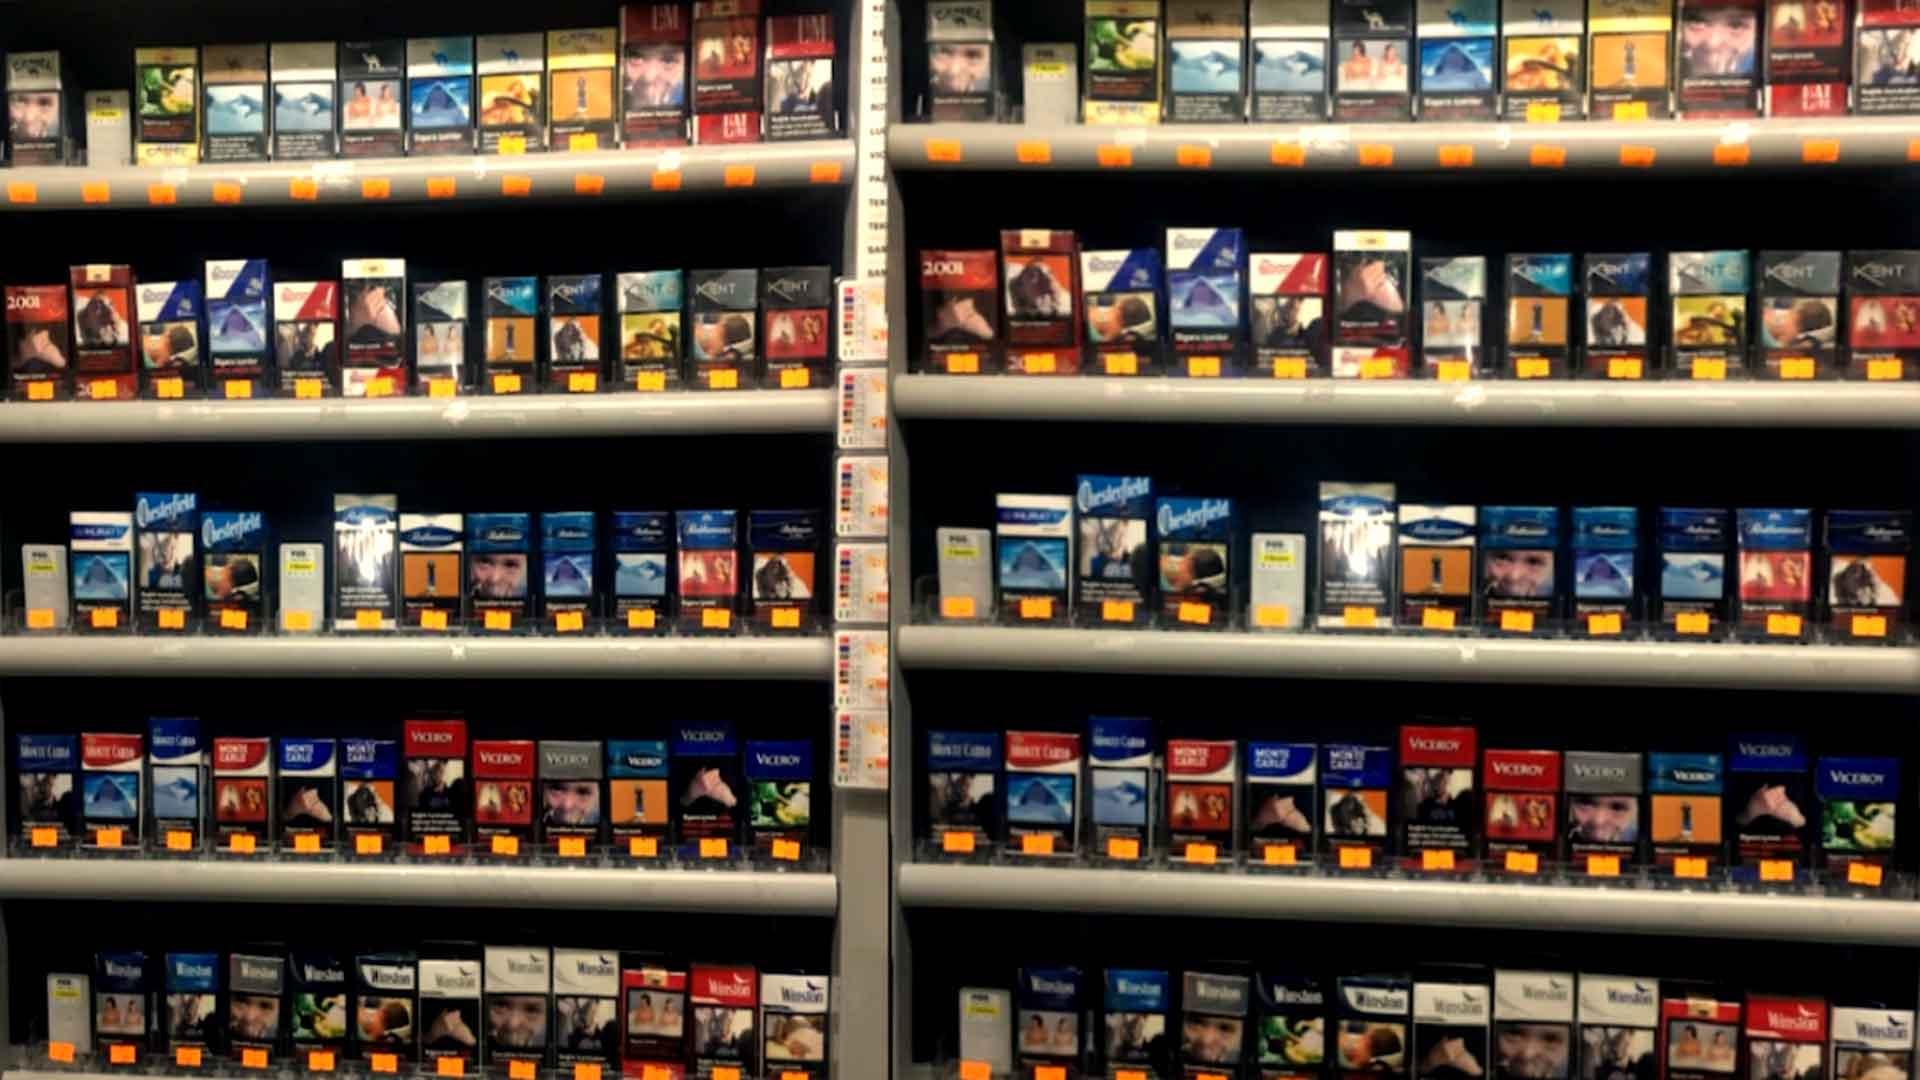 Avrupa'da Sigara Fiyatları Ve En Ucuz Sigaranın Satıldığı Ülkeler